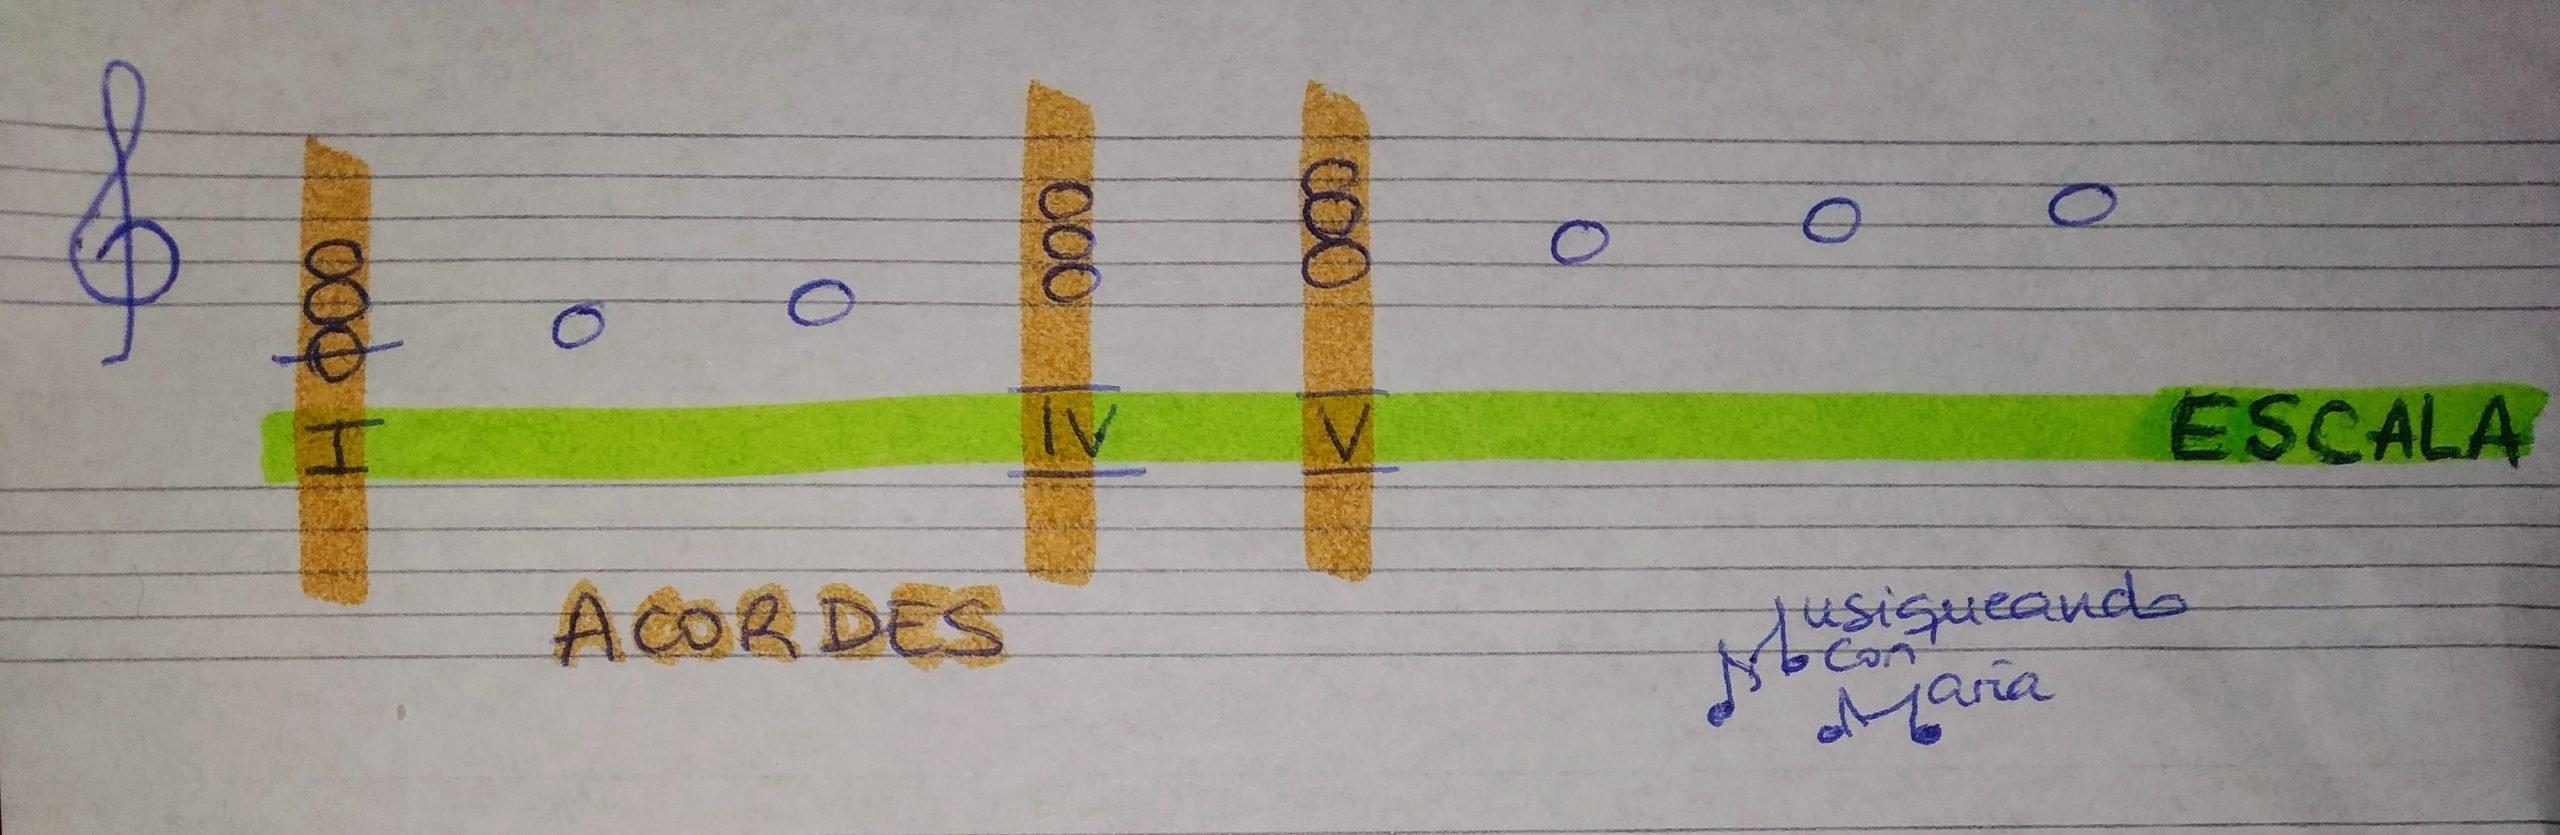 Análisis escala y acordes (visión horizontal y vertical)